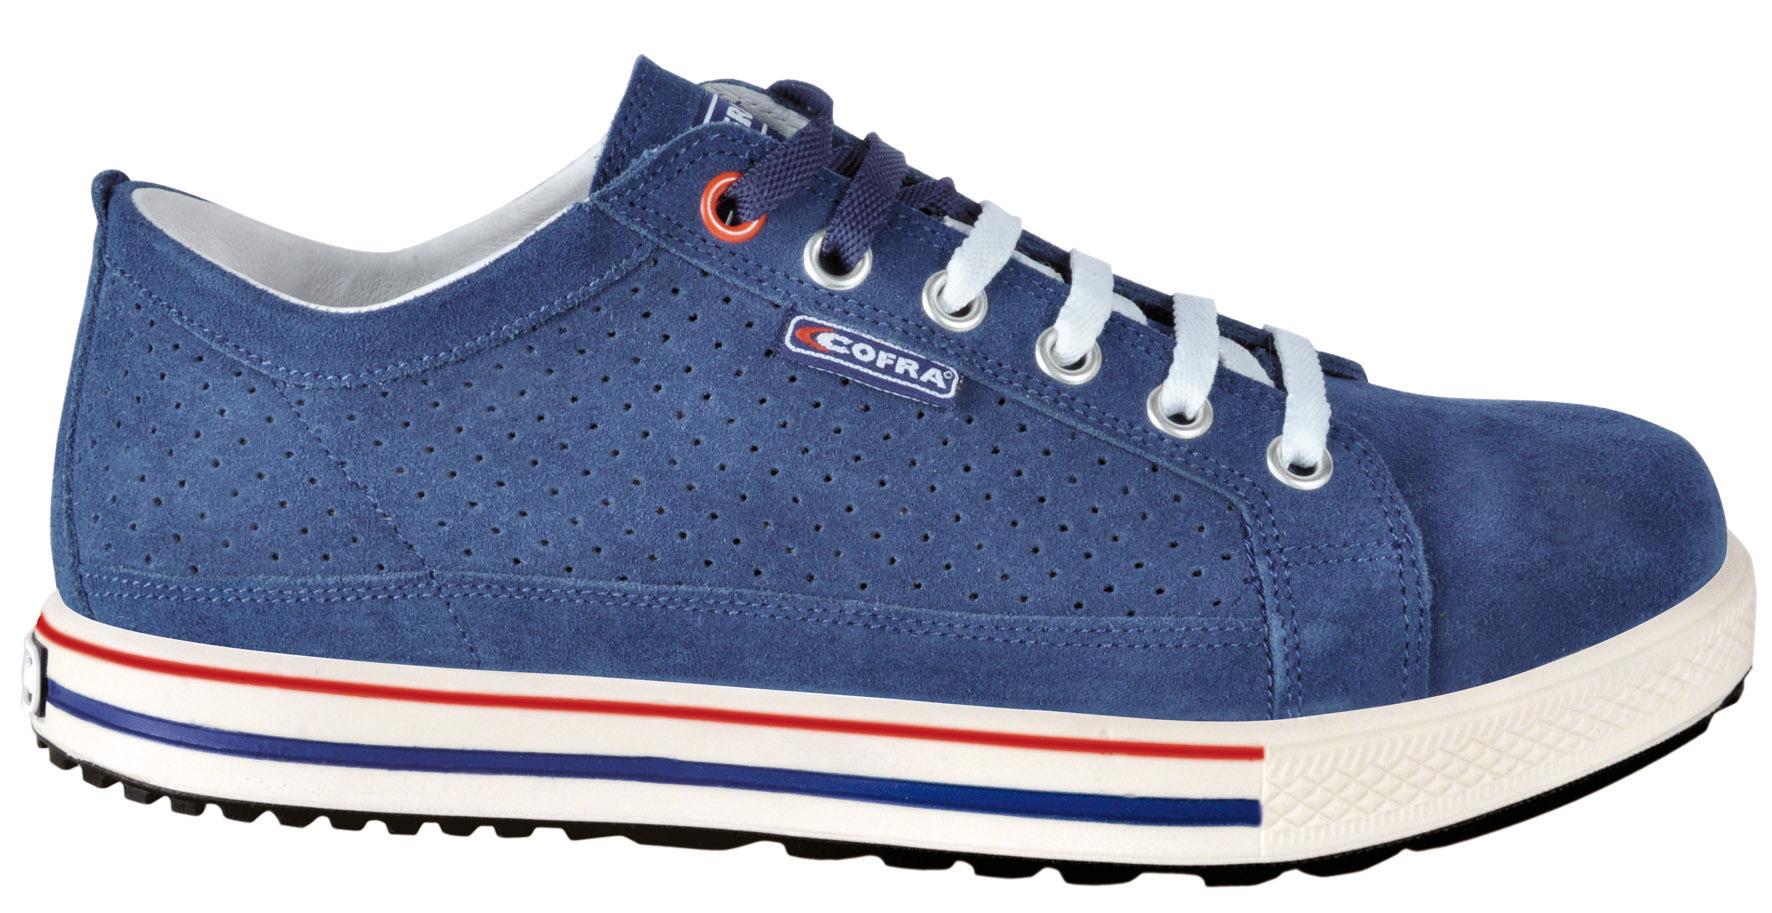 Acquista scarpe antinfortunistiche adidas | fino a OFF31% sconti